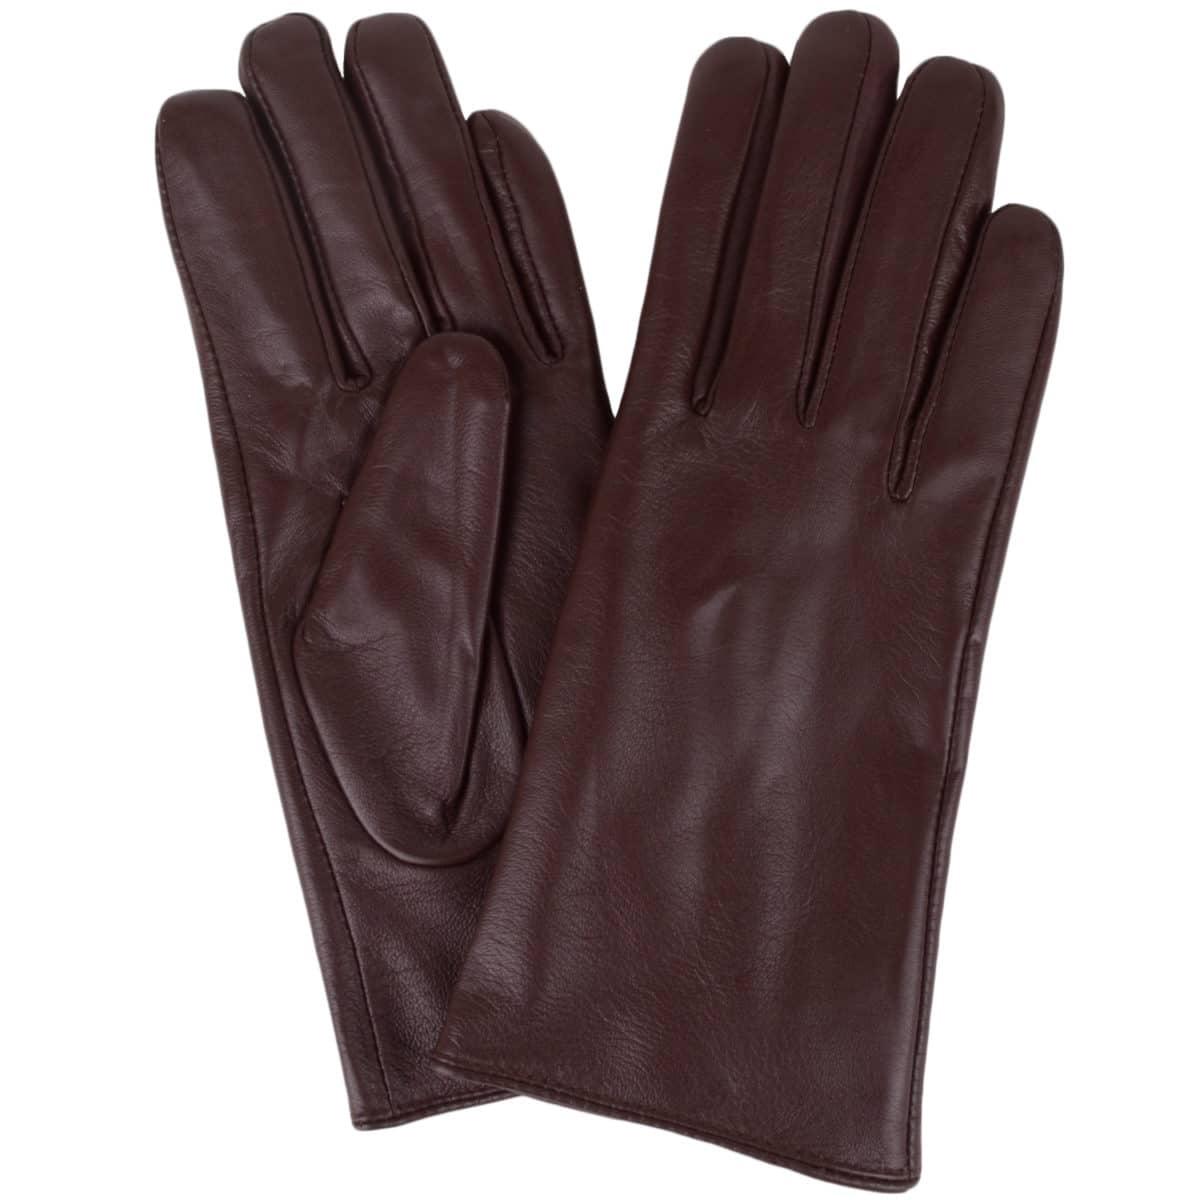 ladies leather gloves brown snugrugs